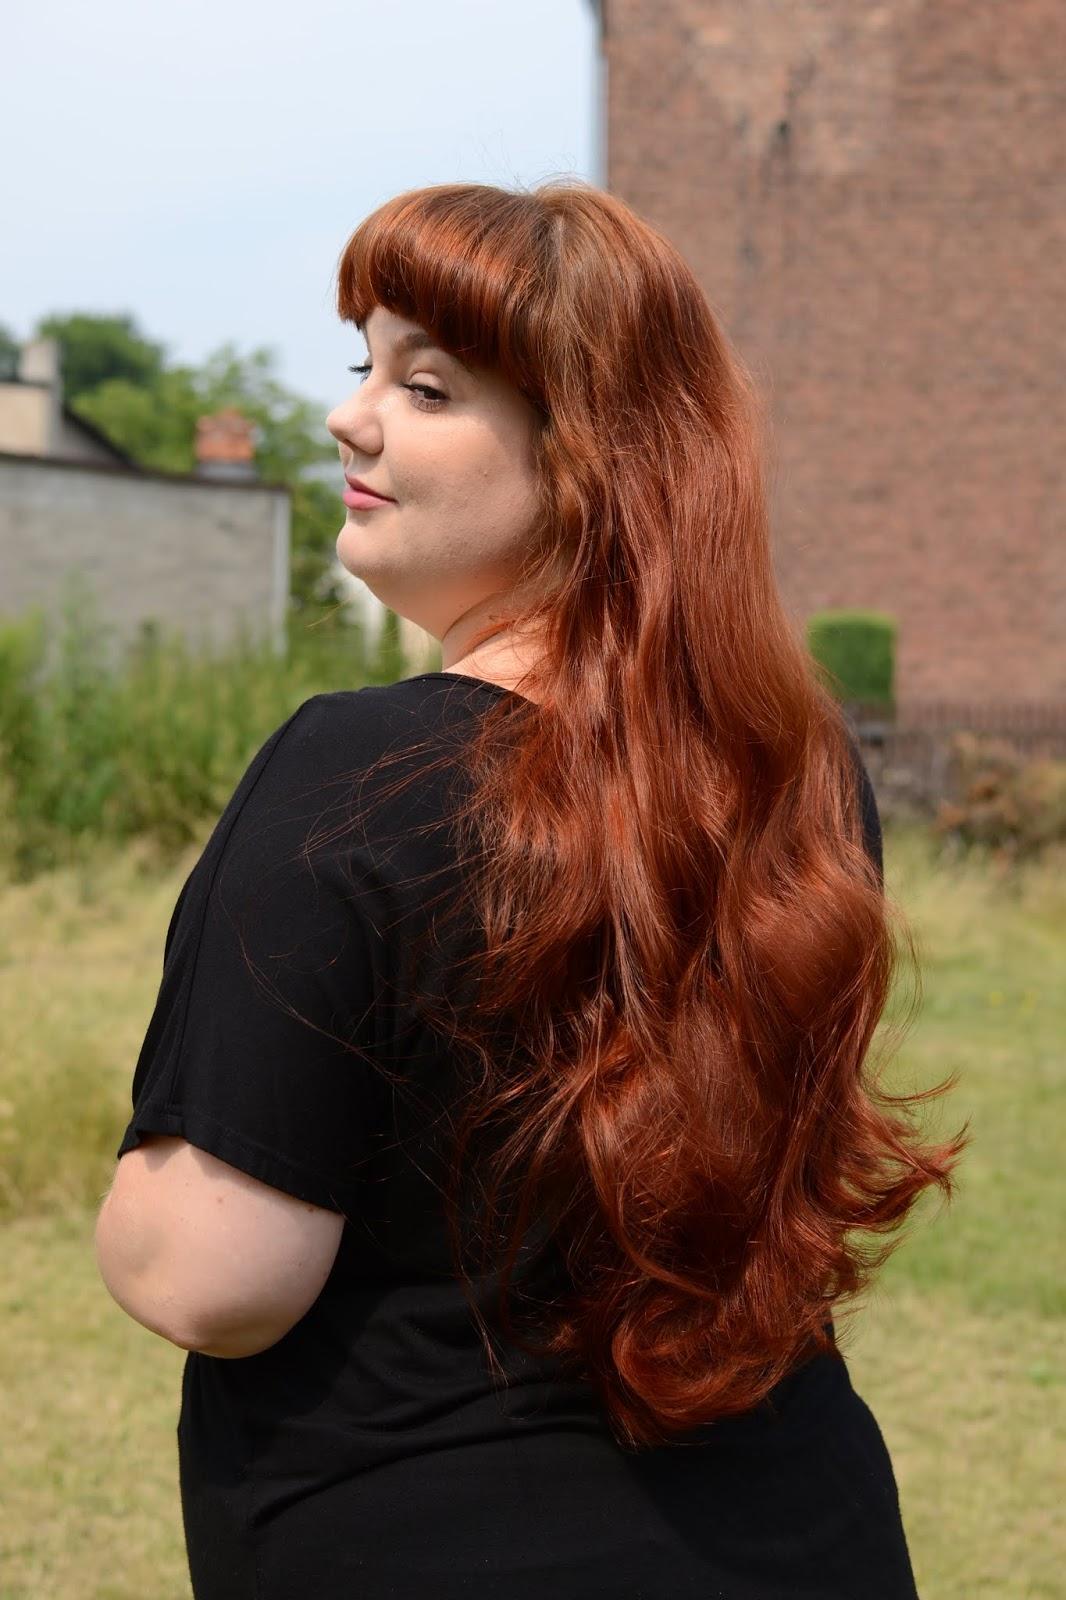 Plan ratunkowy na jesienne wypadanie włosów -  jak kompleksowo poradzić sobie z wypadaniem